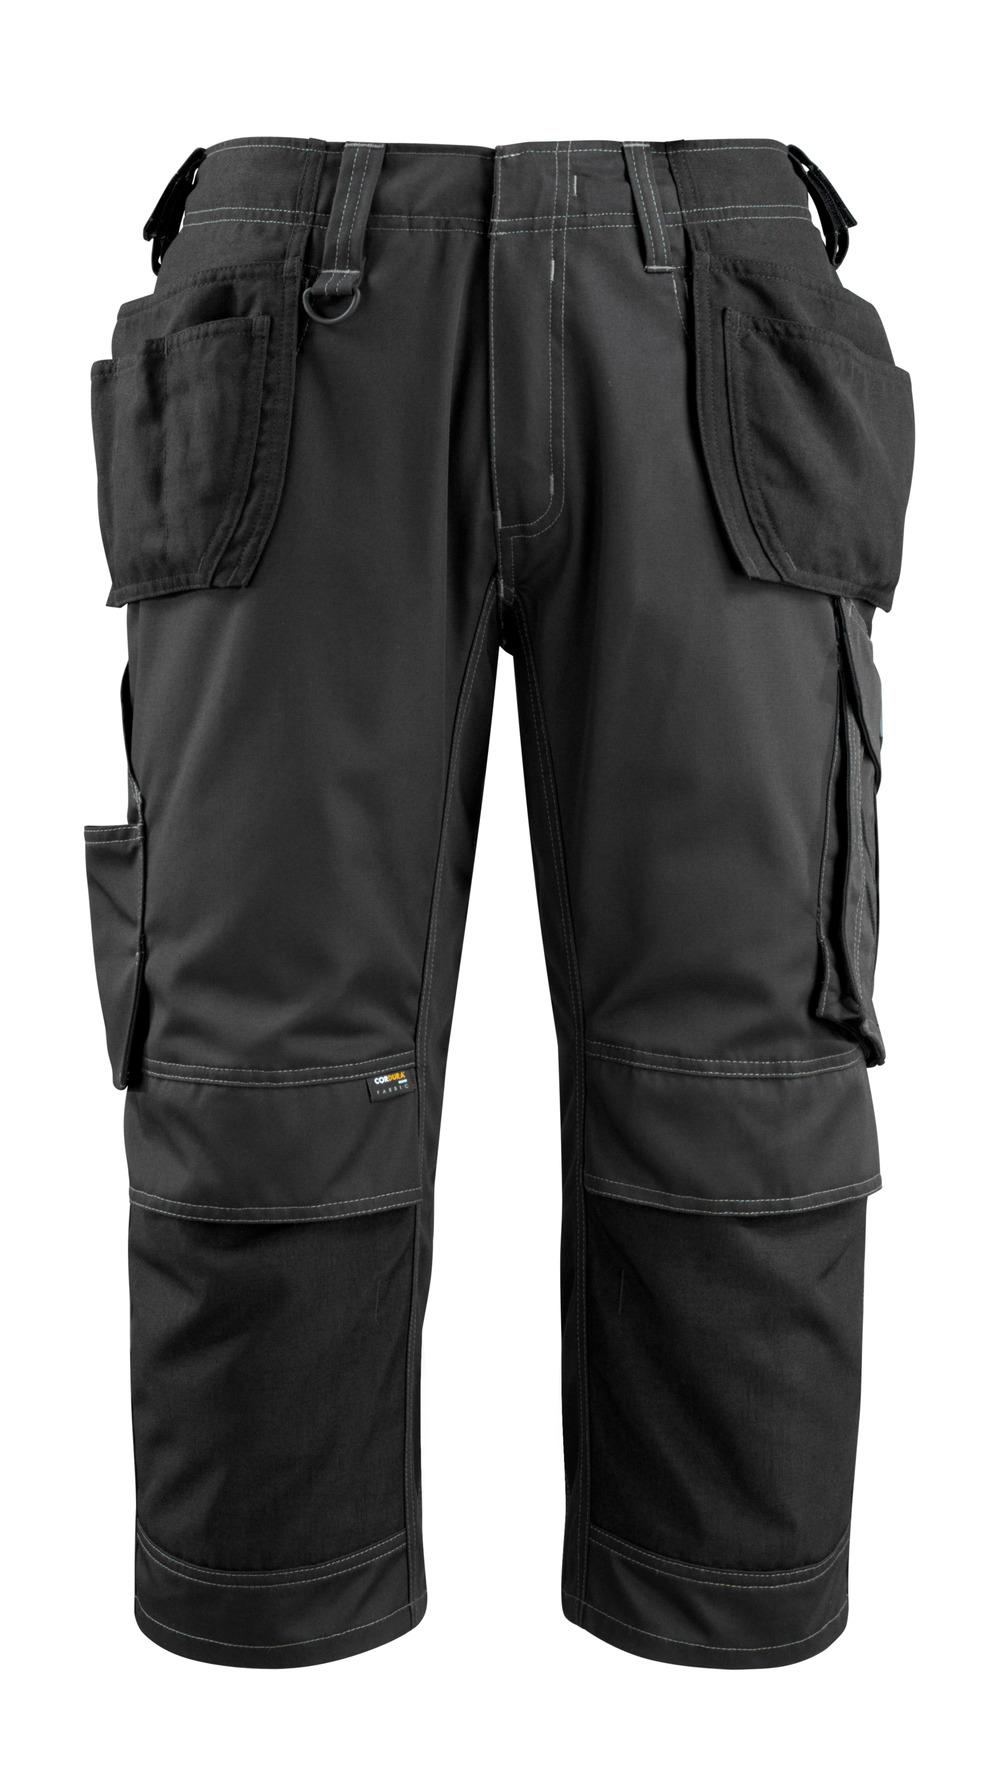 14449-442-09 ¾-housut polvi- ja riipputaskuilla - musta